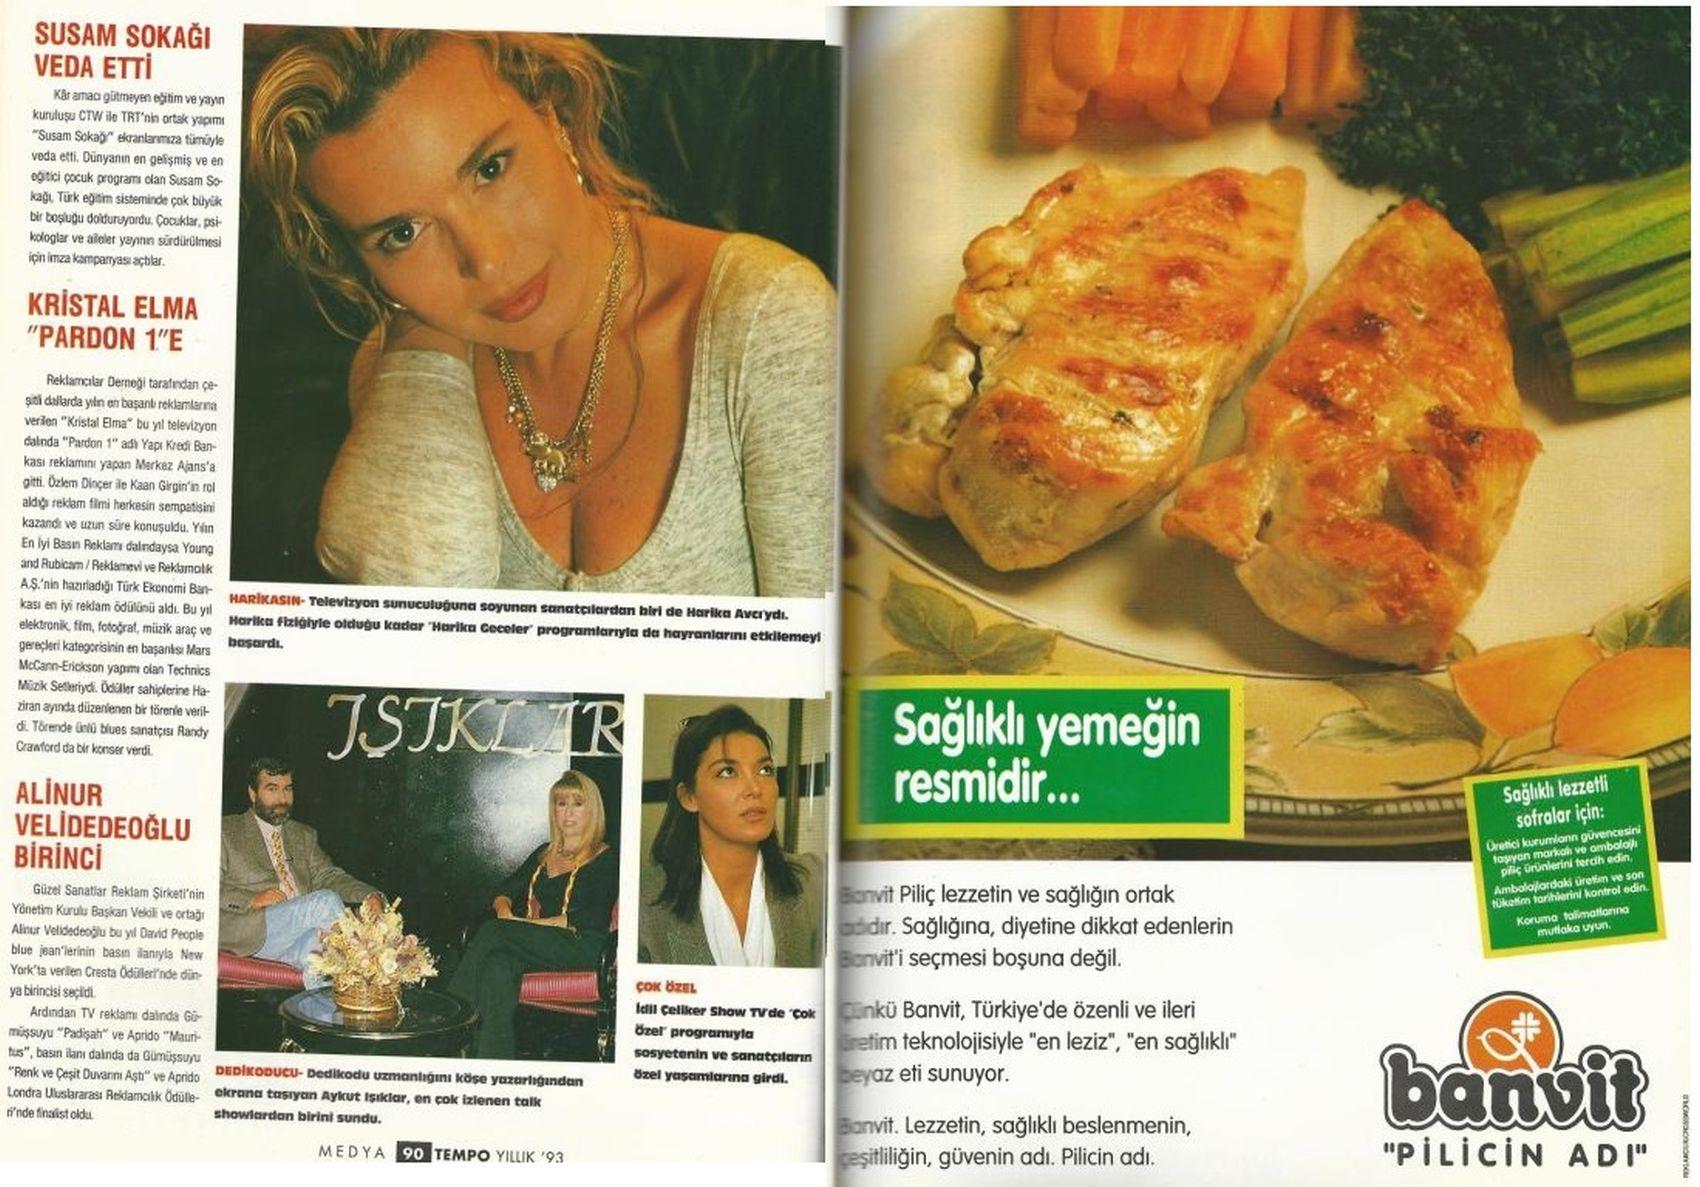 0213-doksanlarda-yayinlanan-tv-programlari-sadettin-teksoy-super-turnike-guner-umit-tempo-dergisi (9)